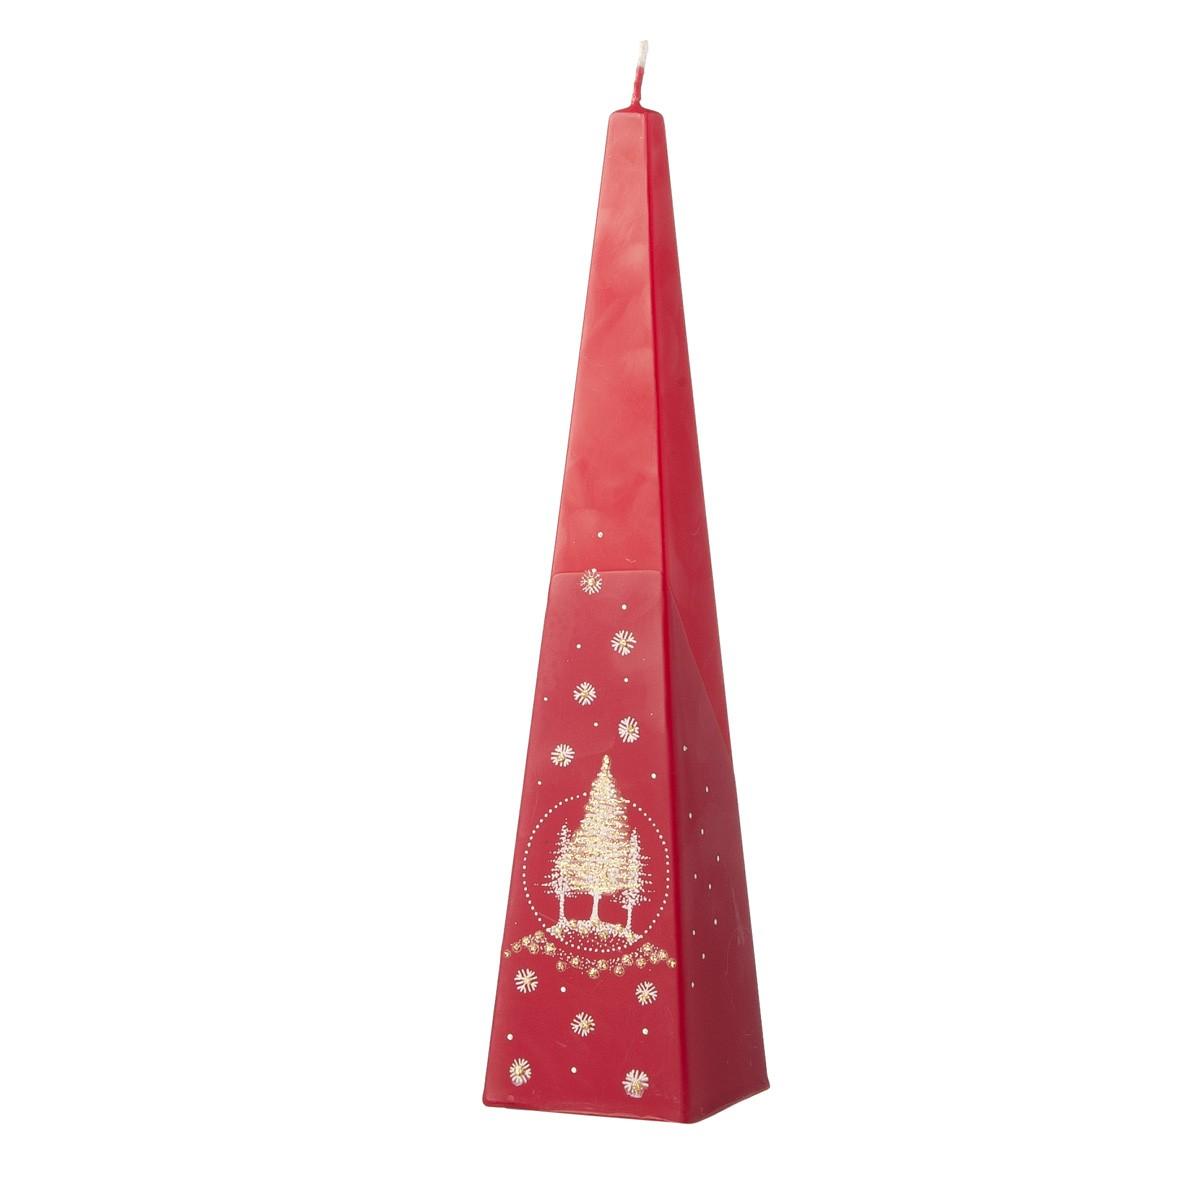 Candela Piramidale Rossa Con Alberi Di Natale